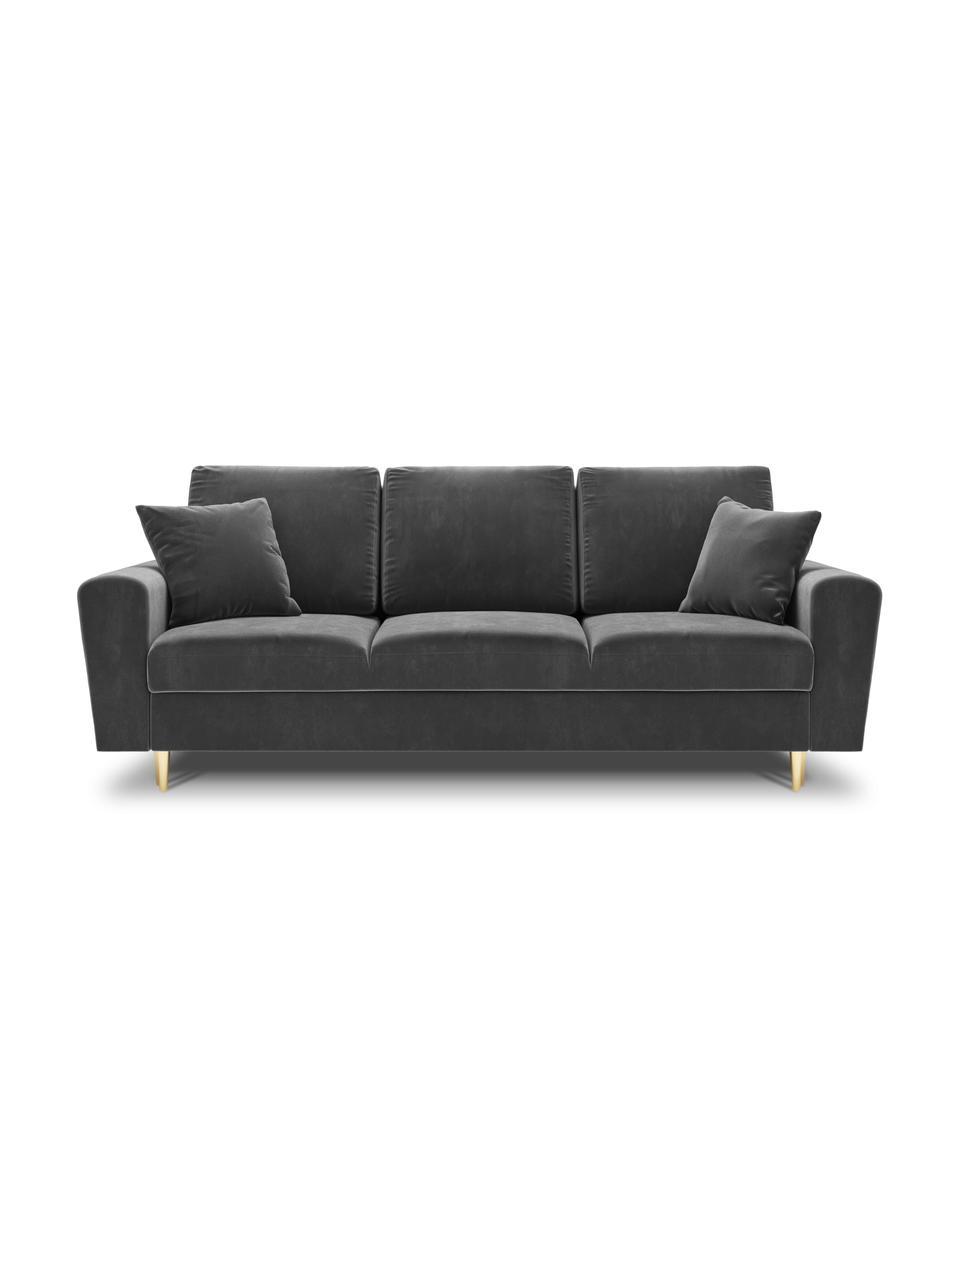 Sofa rozkładana z aksamitu z miejscem do przechowywania Moghan (3-osobowa), Tapicerka: 100% aksamit poliestrowy , Nogi: metal powlekany, Jasny szary, S 235 x G 100 cm